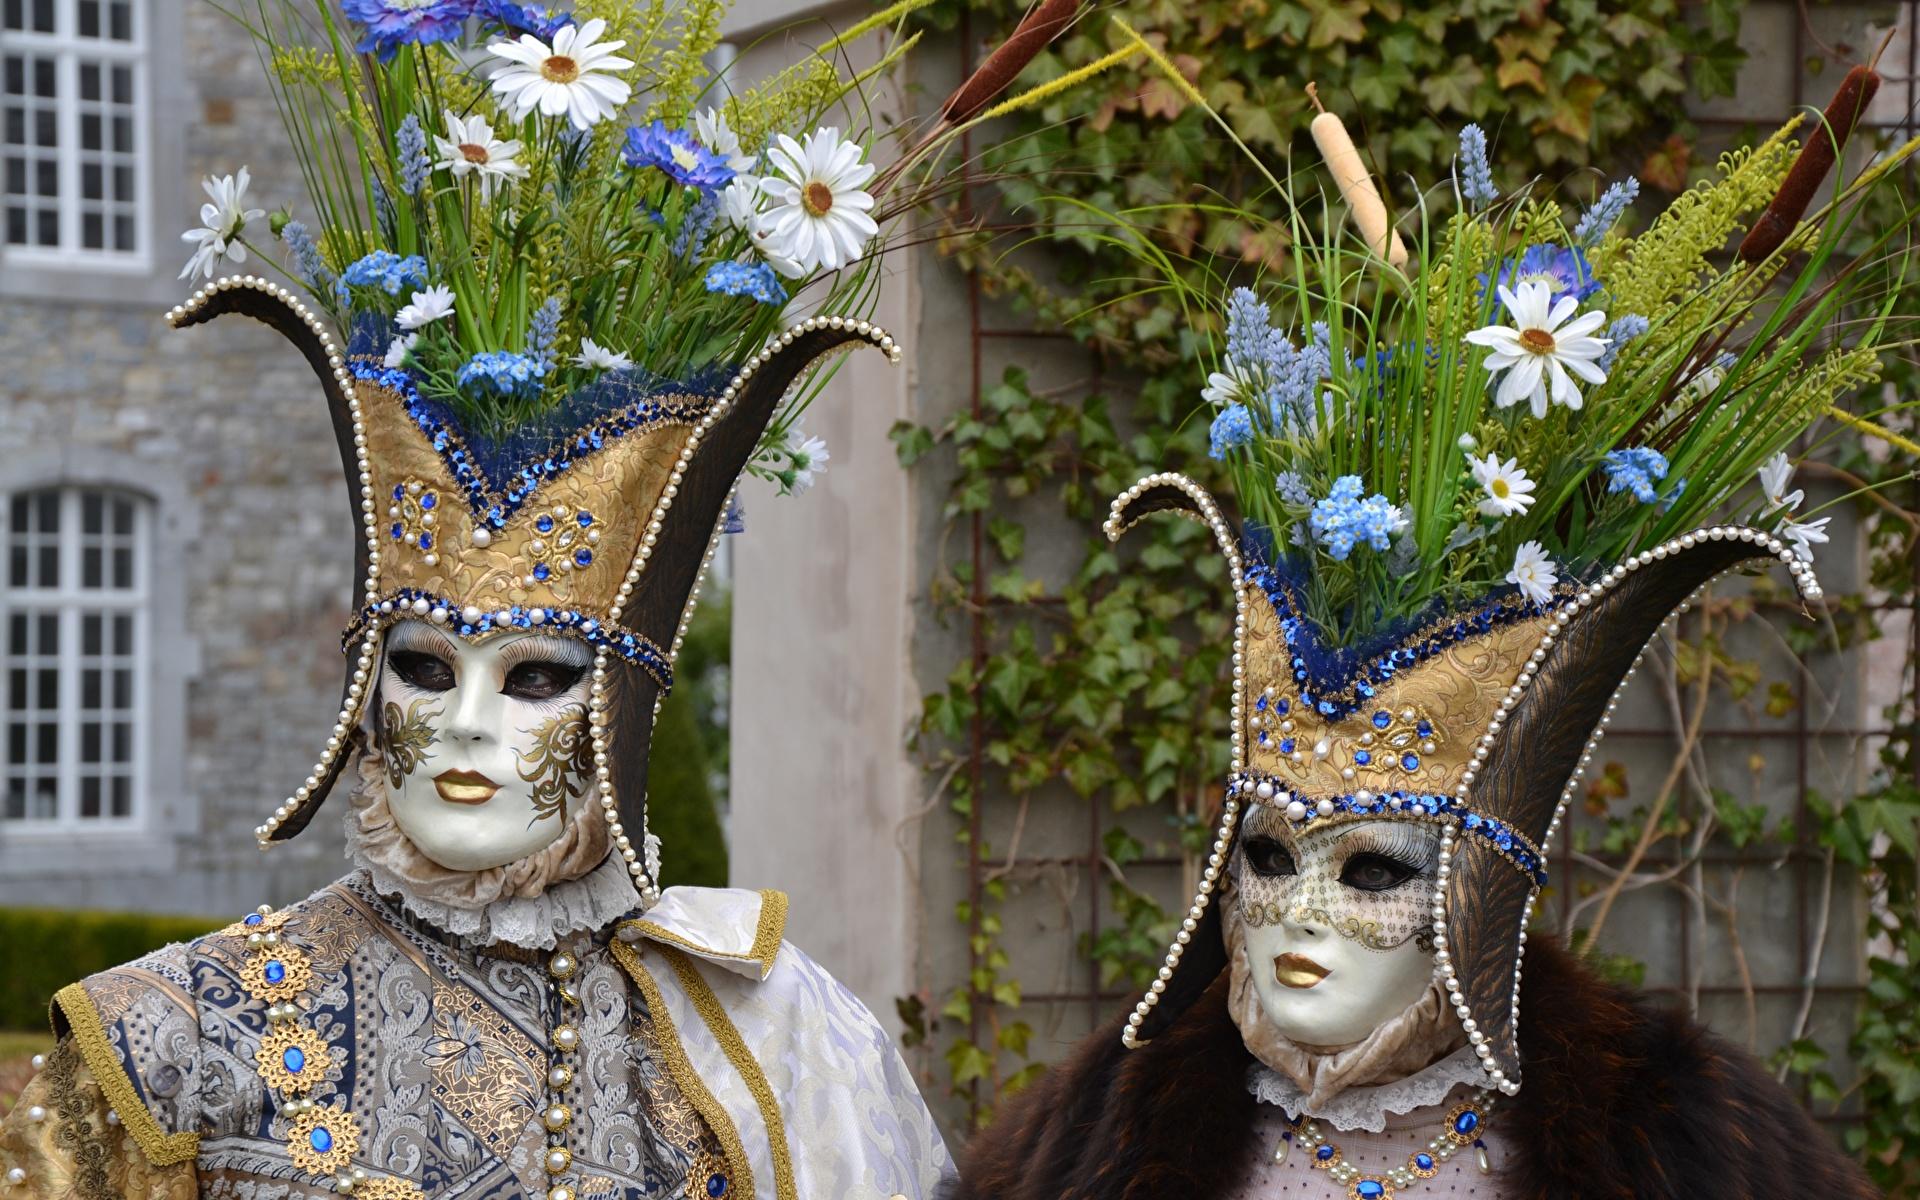 Фотографии букет 2 Маски Карнавал и маскарад 1920x1200 Букеты два две Двое вдвоем